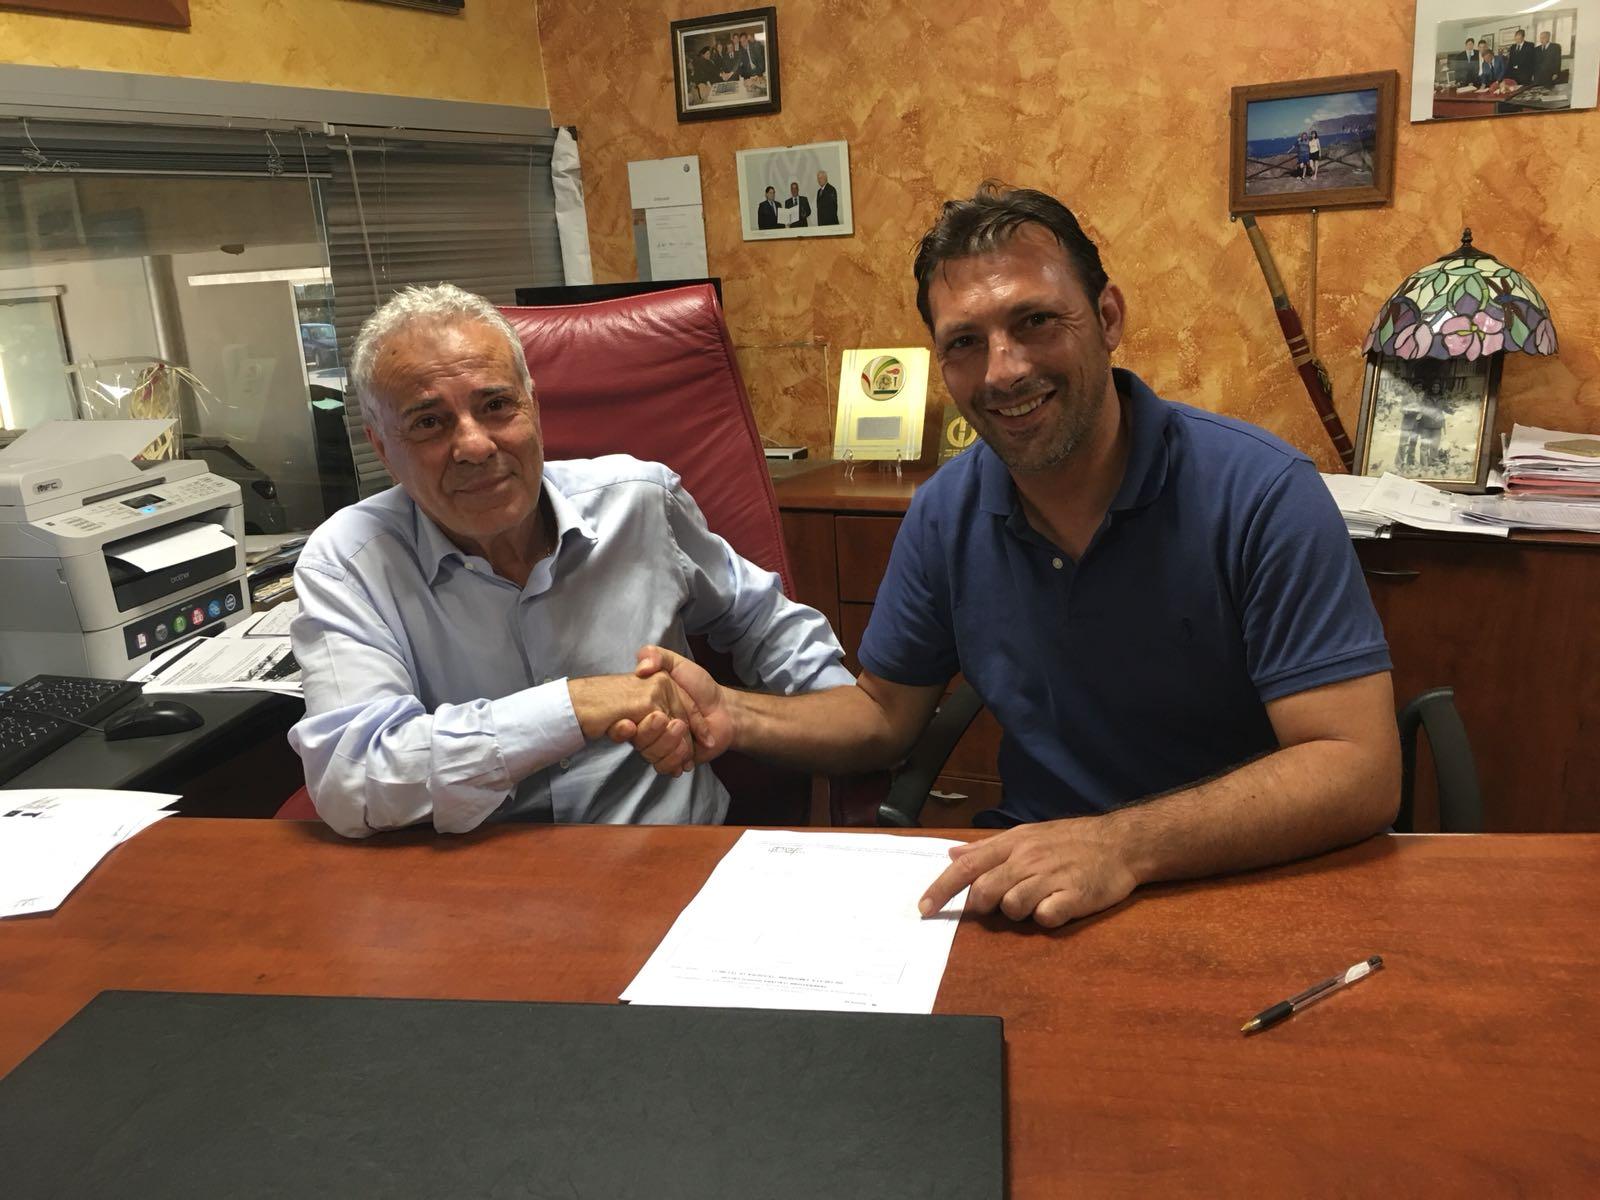 Ufficiale, Sciotto affida la panchina dell'Acr a Raffaele